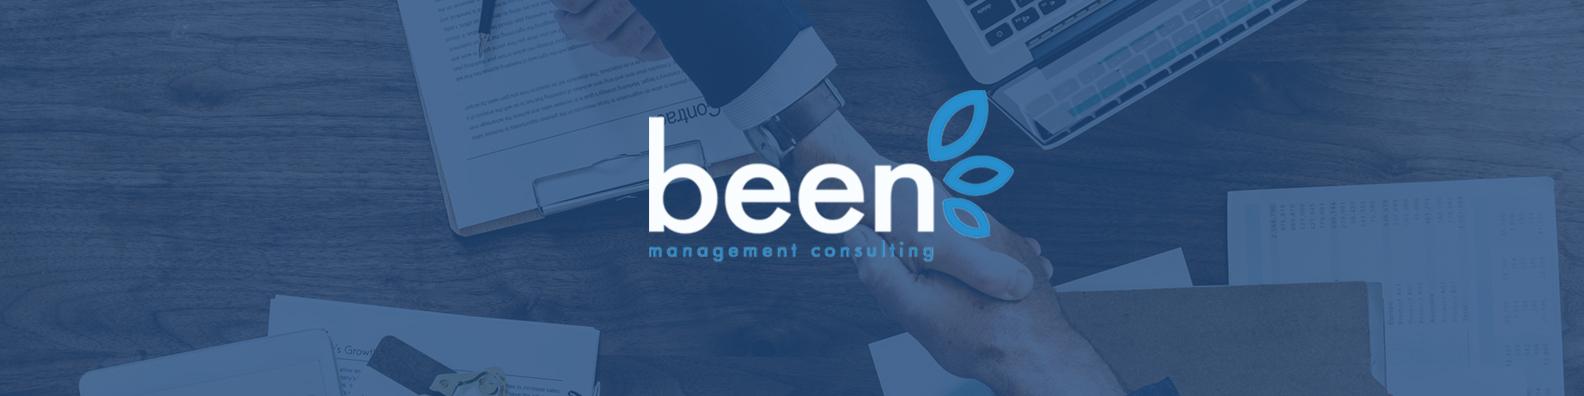 Been Management Consulting Header algemeen